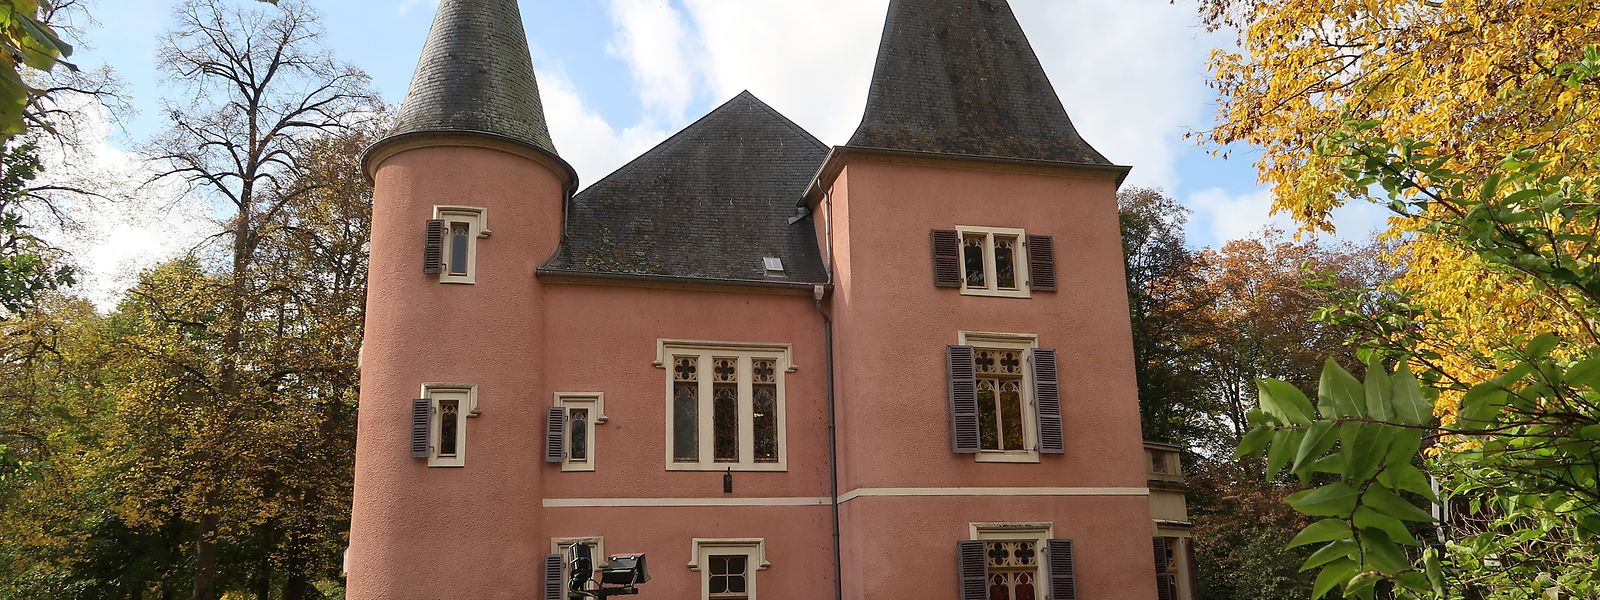 Das um 1630 erbaute Schloss Erpeldingen ist seit 1987 Sitz der lokalen Gemeindeverwaltung.